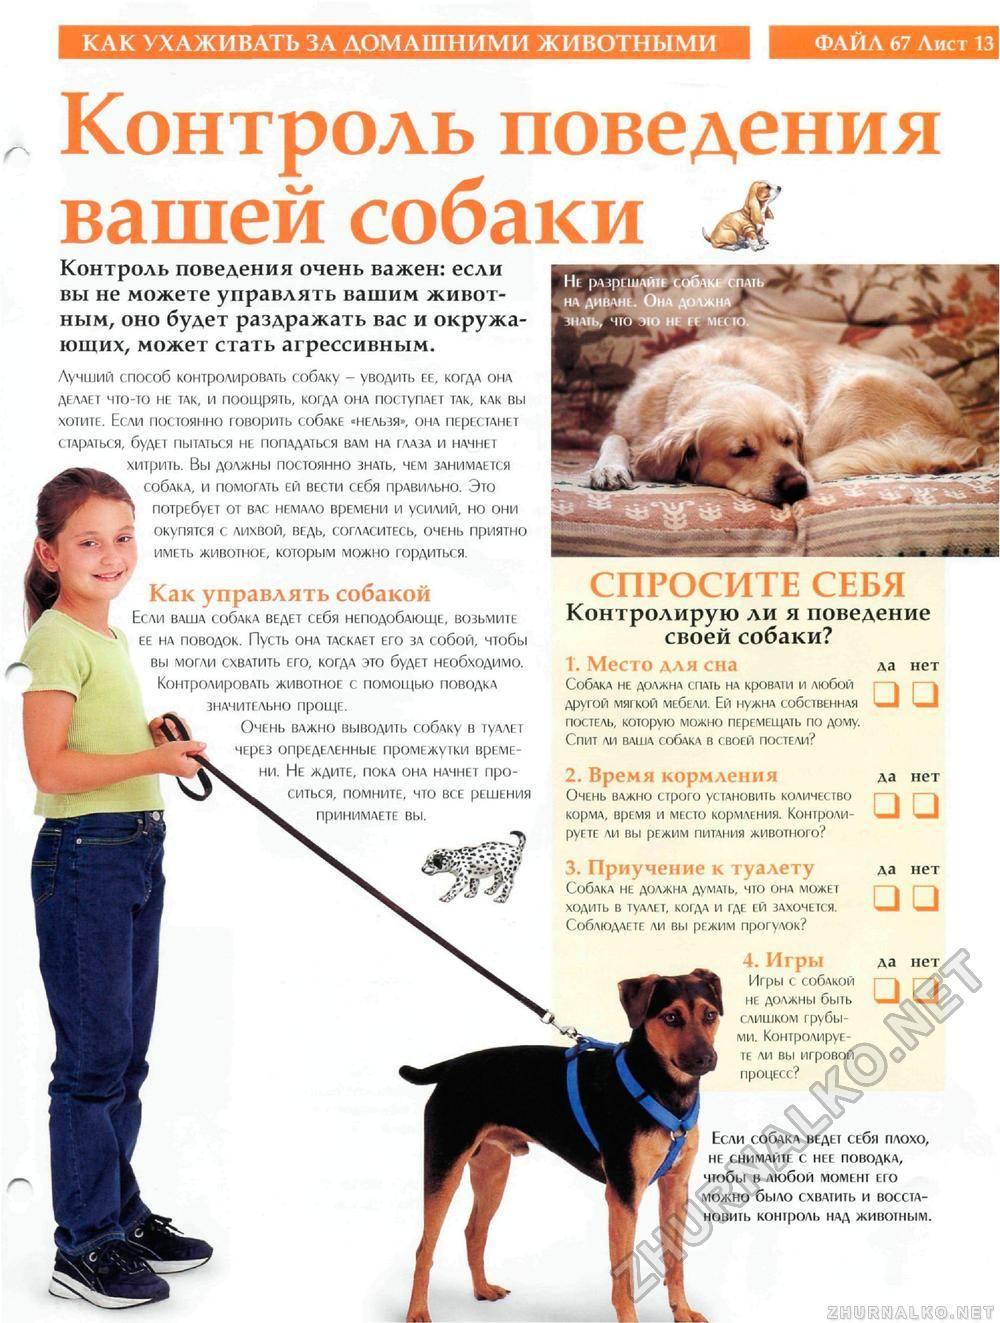 Когда кормить собаку до или после прогулки: изучаем развернуто